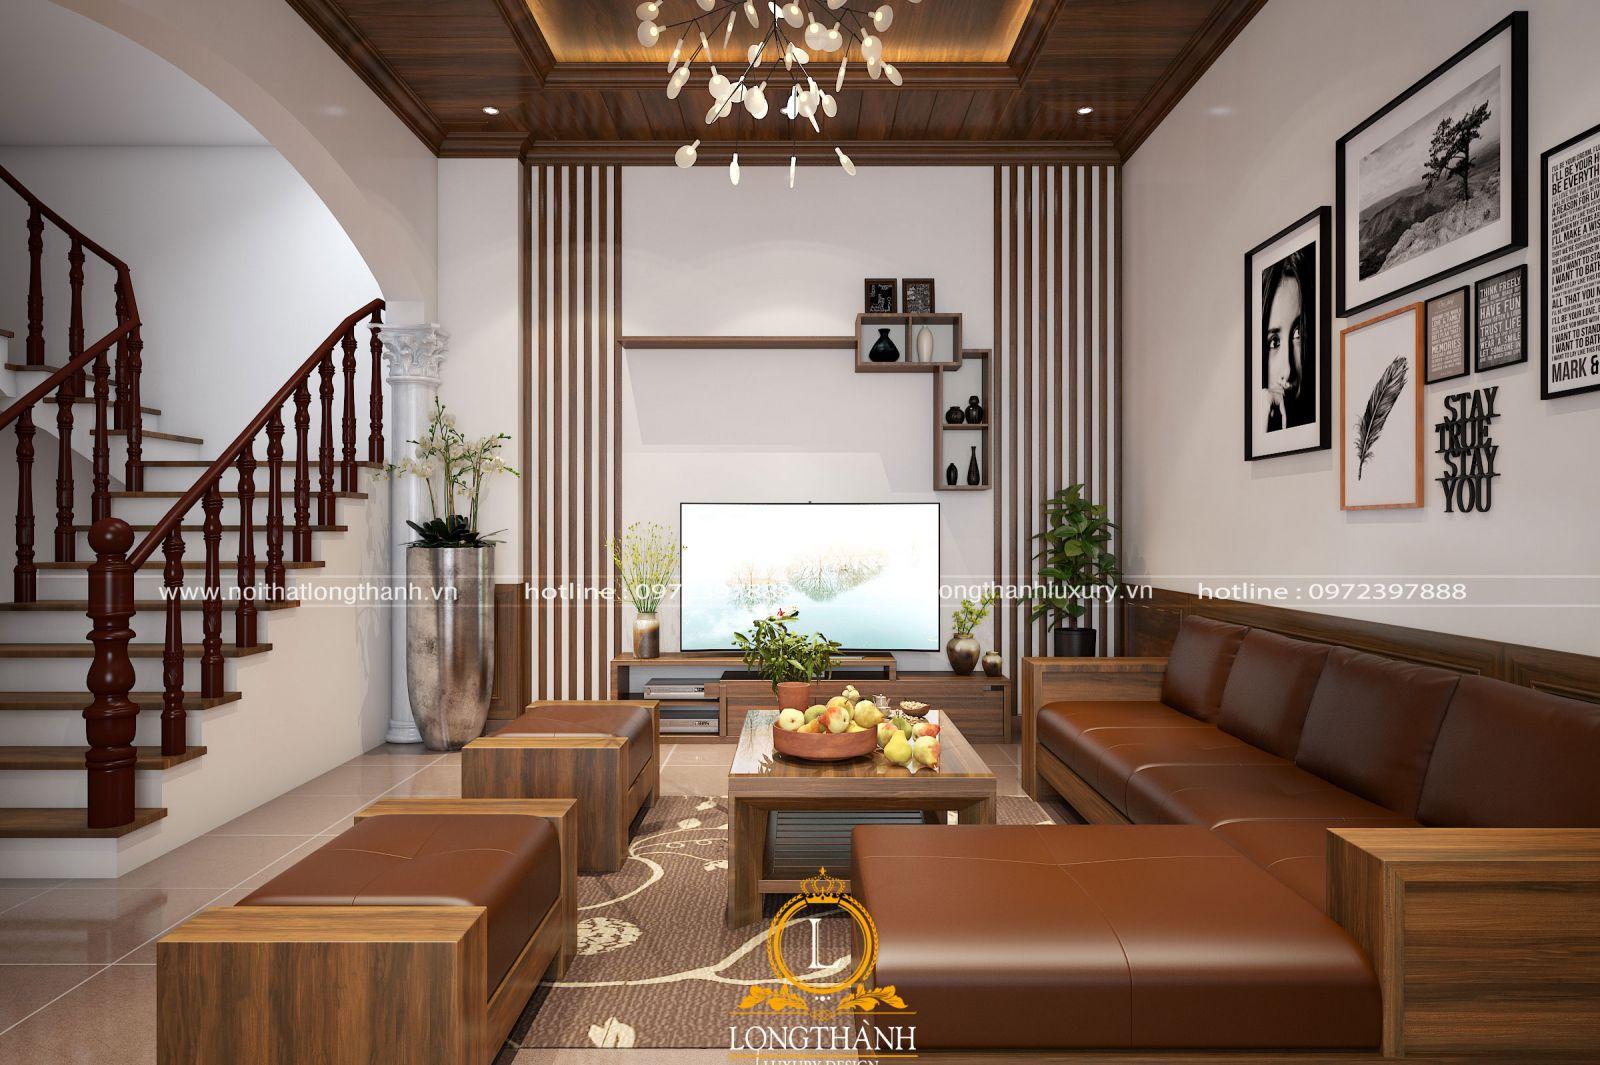 Mẫu sofa gỗ hiện đại bọc đệm da vừa đẹp sang trọng vừa dễ chịu khi sử dụng